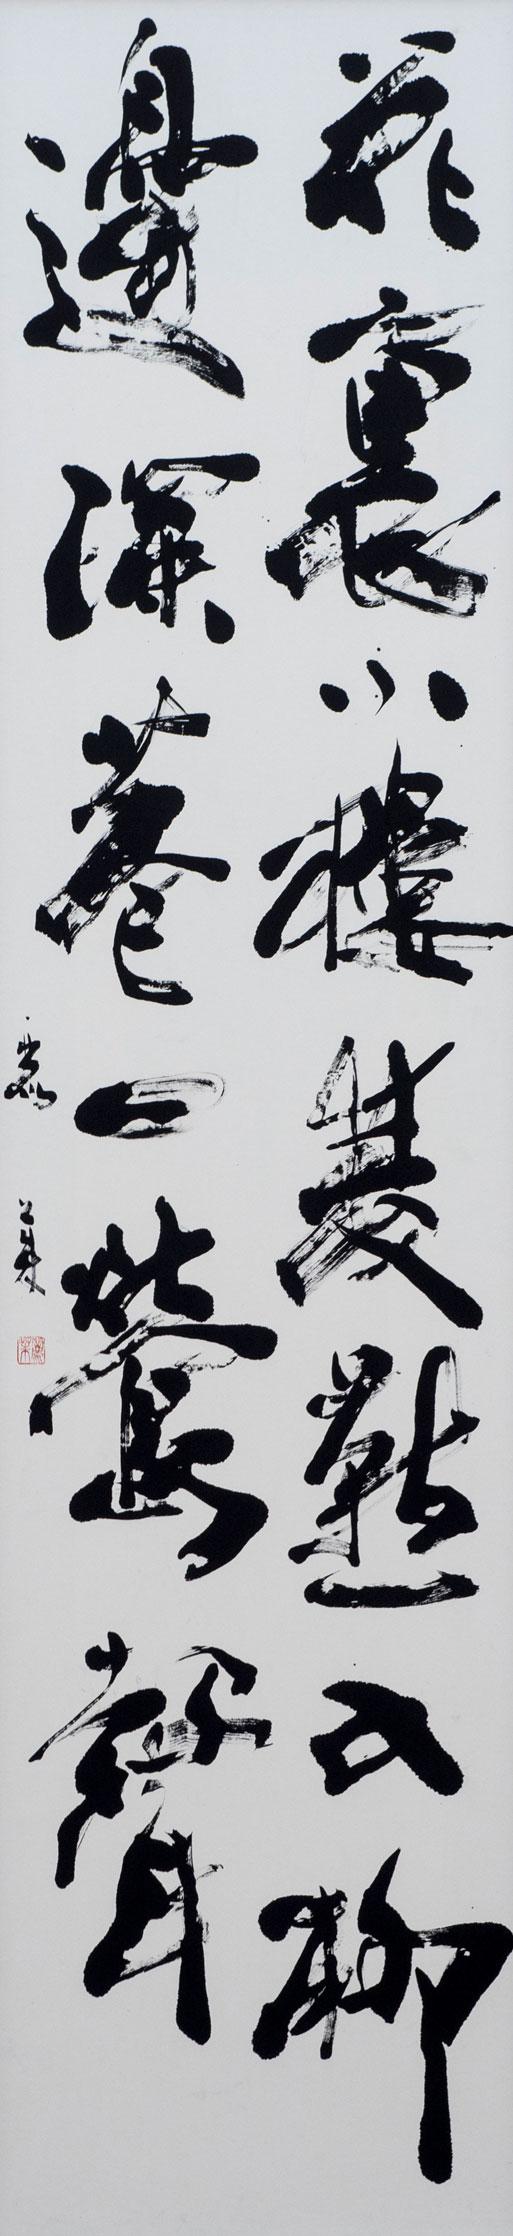 2017-jp-shodo-inspiration-450.jpg